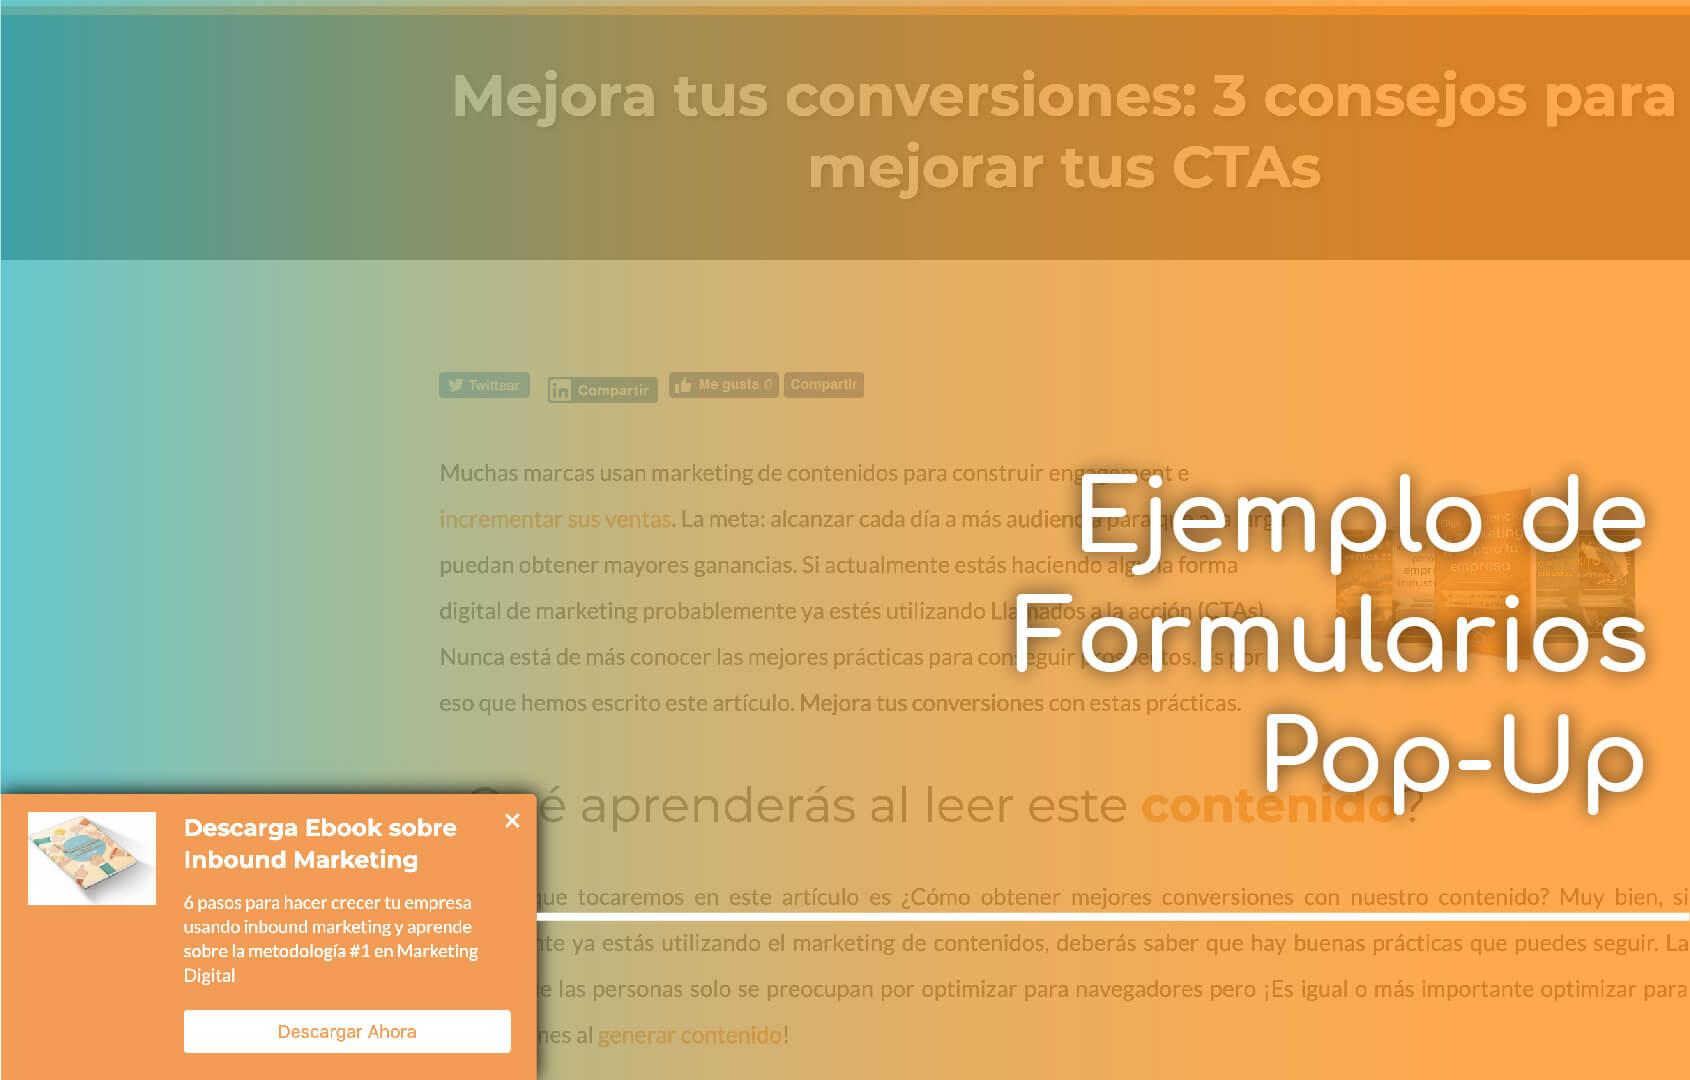 formularios pop up para convertir